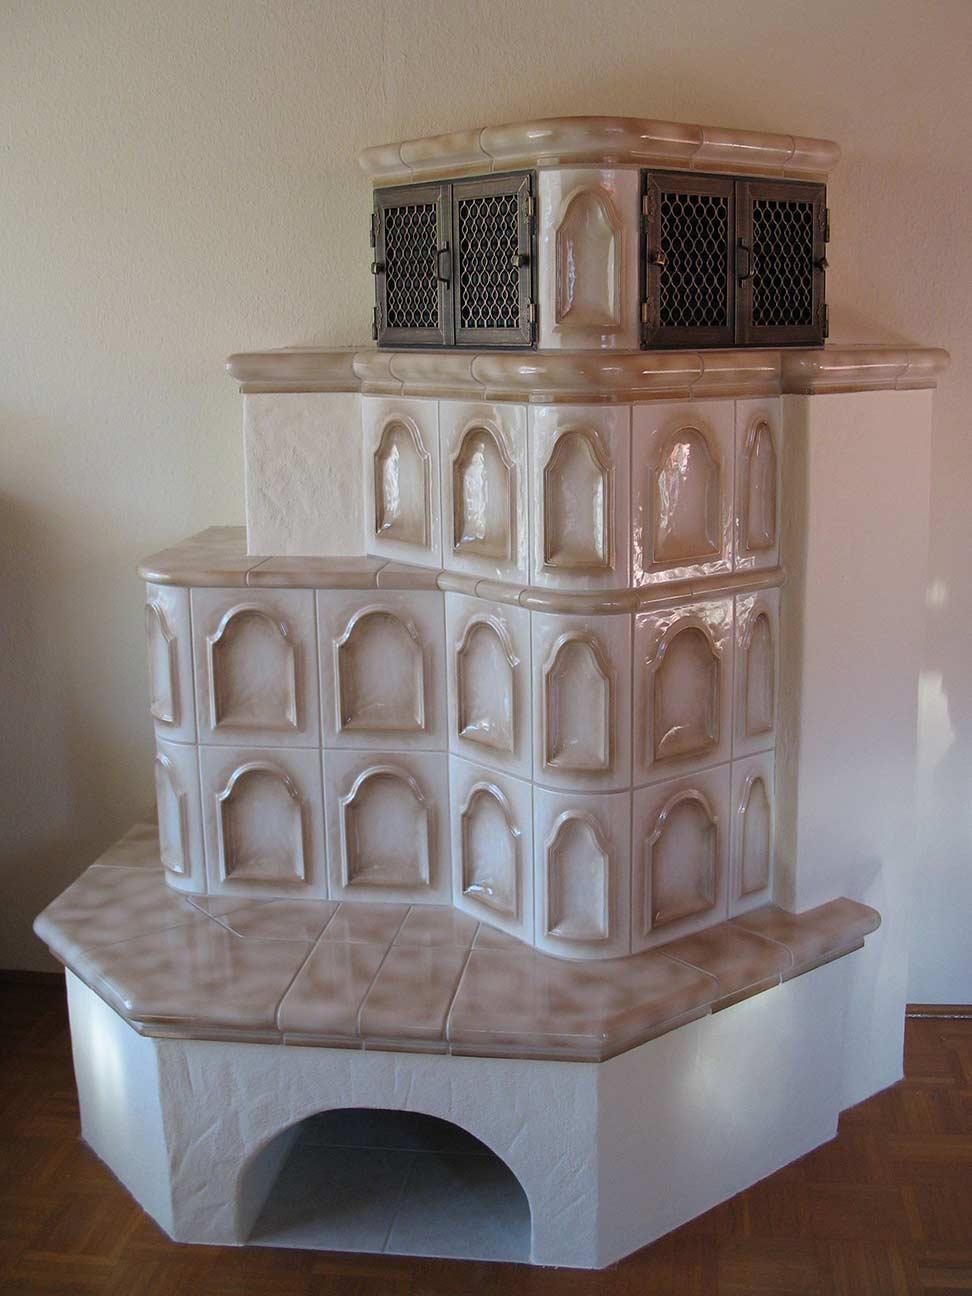 ofenbau pletzer meisterbetrieb bei uns erhalten sie alles aus einer hand. Black Bedroom Furniture Sets. Home Design Ideas